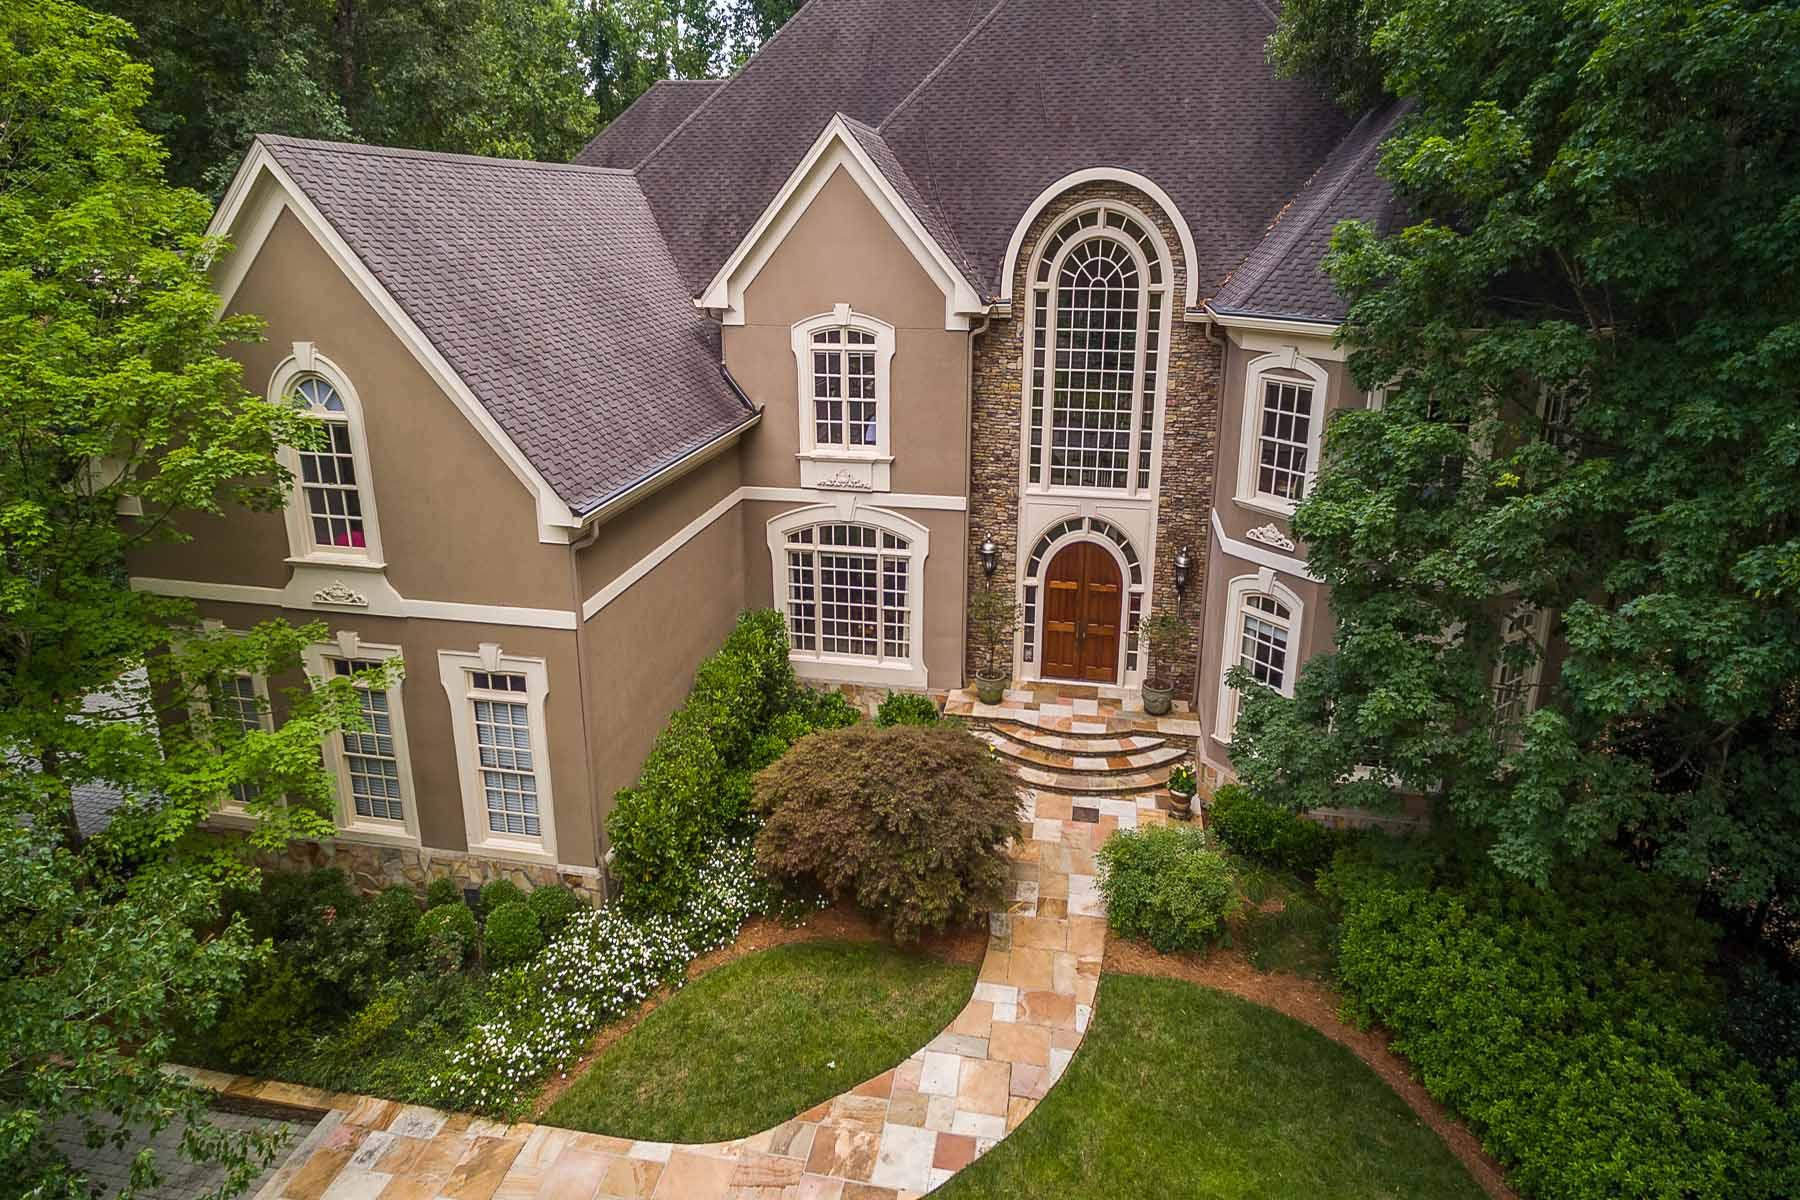 Tek Ailelik Ev için Satış at One Acre River Lot With Beautiful Views 5415 Chelsen Wood Drive Johns Creek, Georgia, 30097 Amerika Birleşik Devletleri